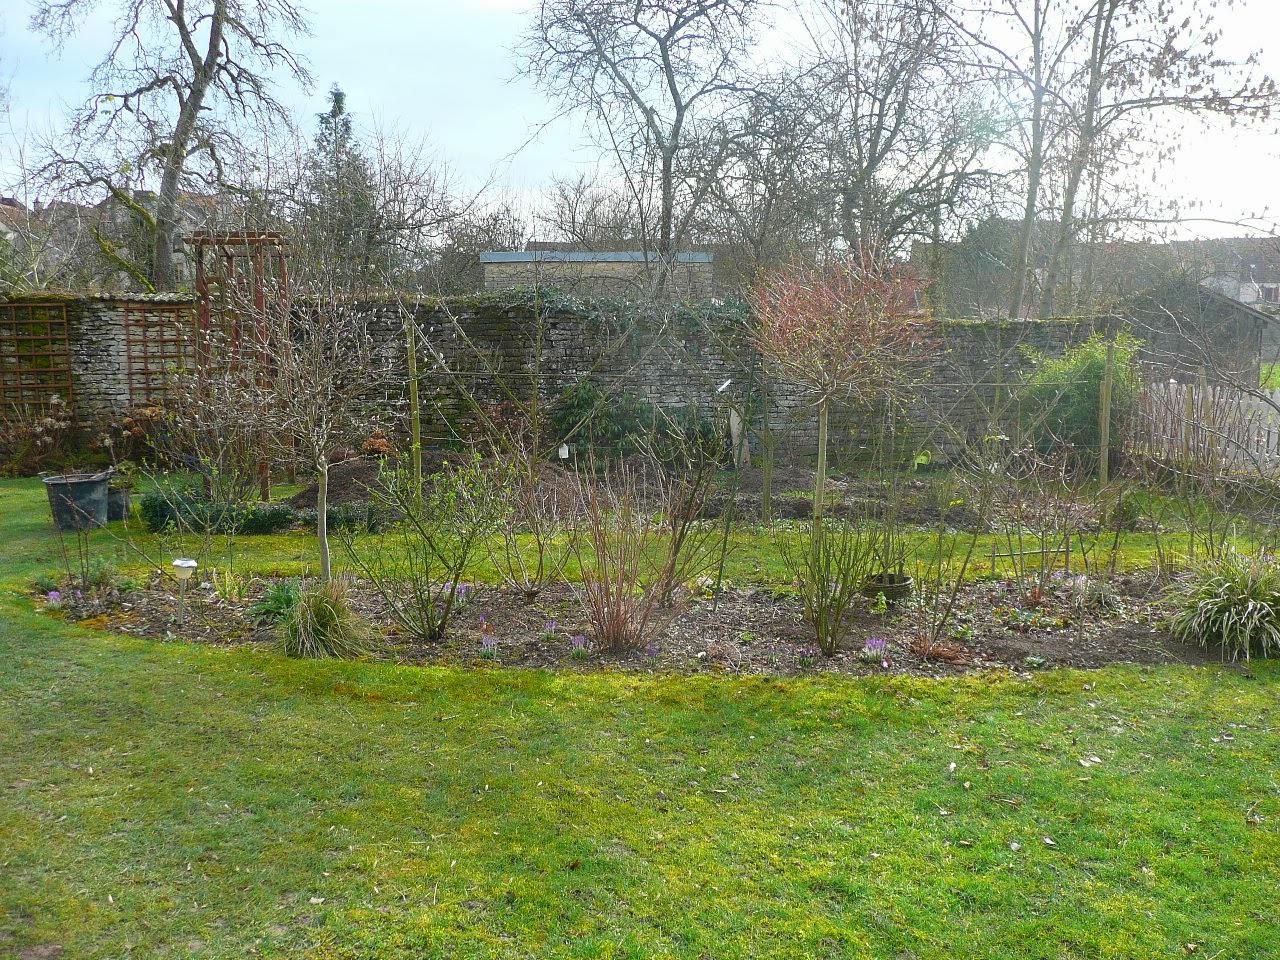 Notre jardin secret nettoyage de printemps et travaux for Nettoyage jardin printemps